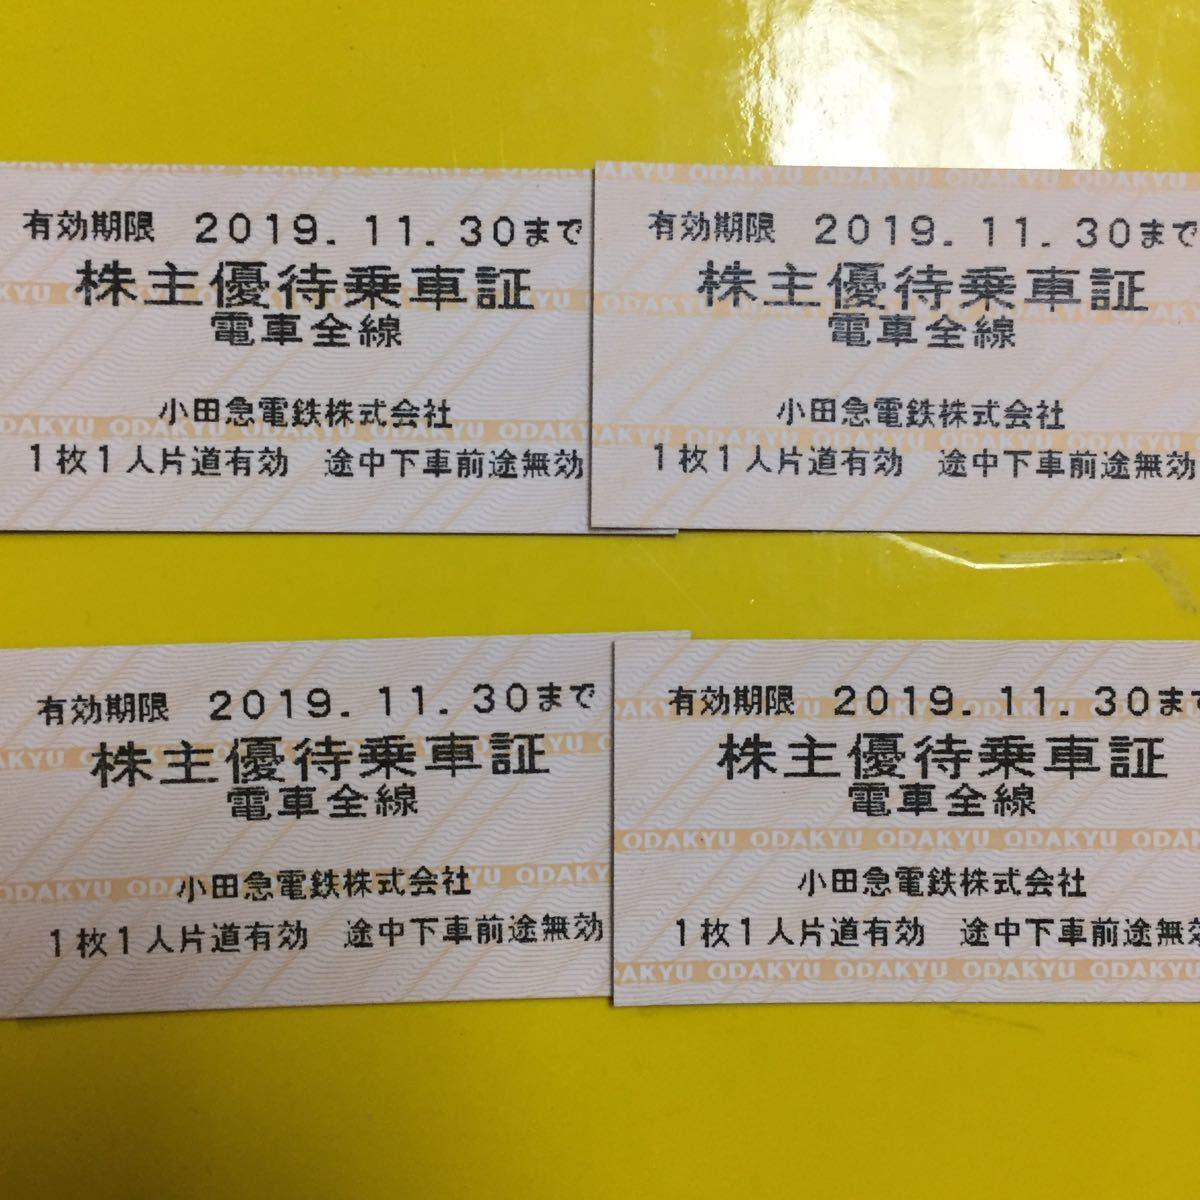 【送料込み】小田急電鉄 株主優待乗車証 4枚 2019/11/30まで